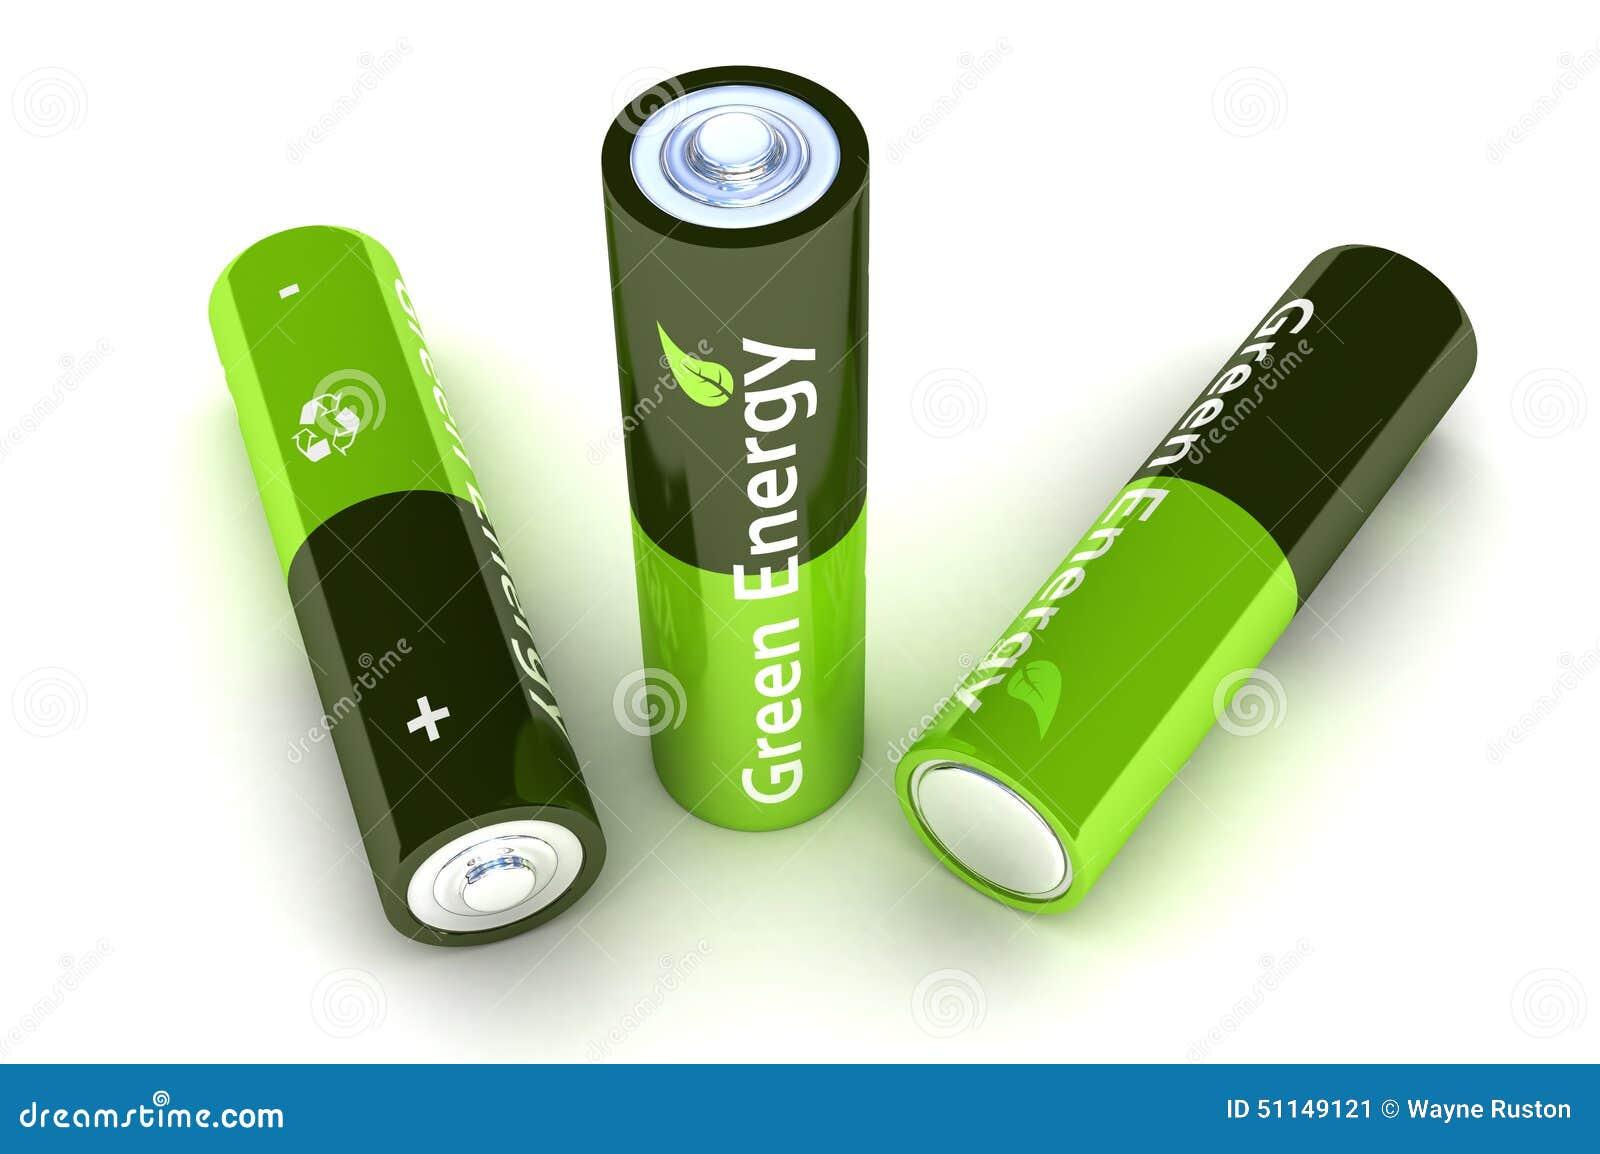 green eco power batteries stock illustration image 51149121. Black Bedroom Furniture Sets. Home Design Ideas